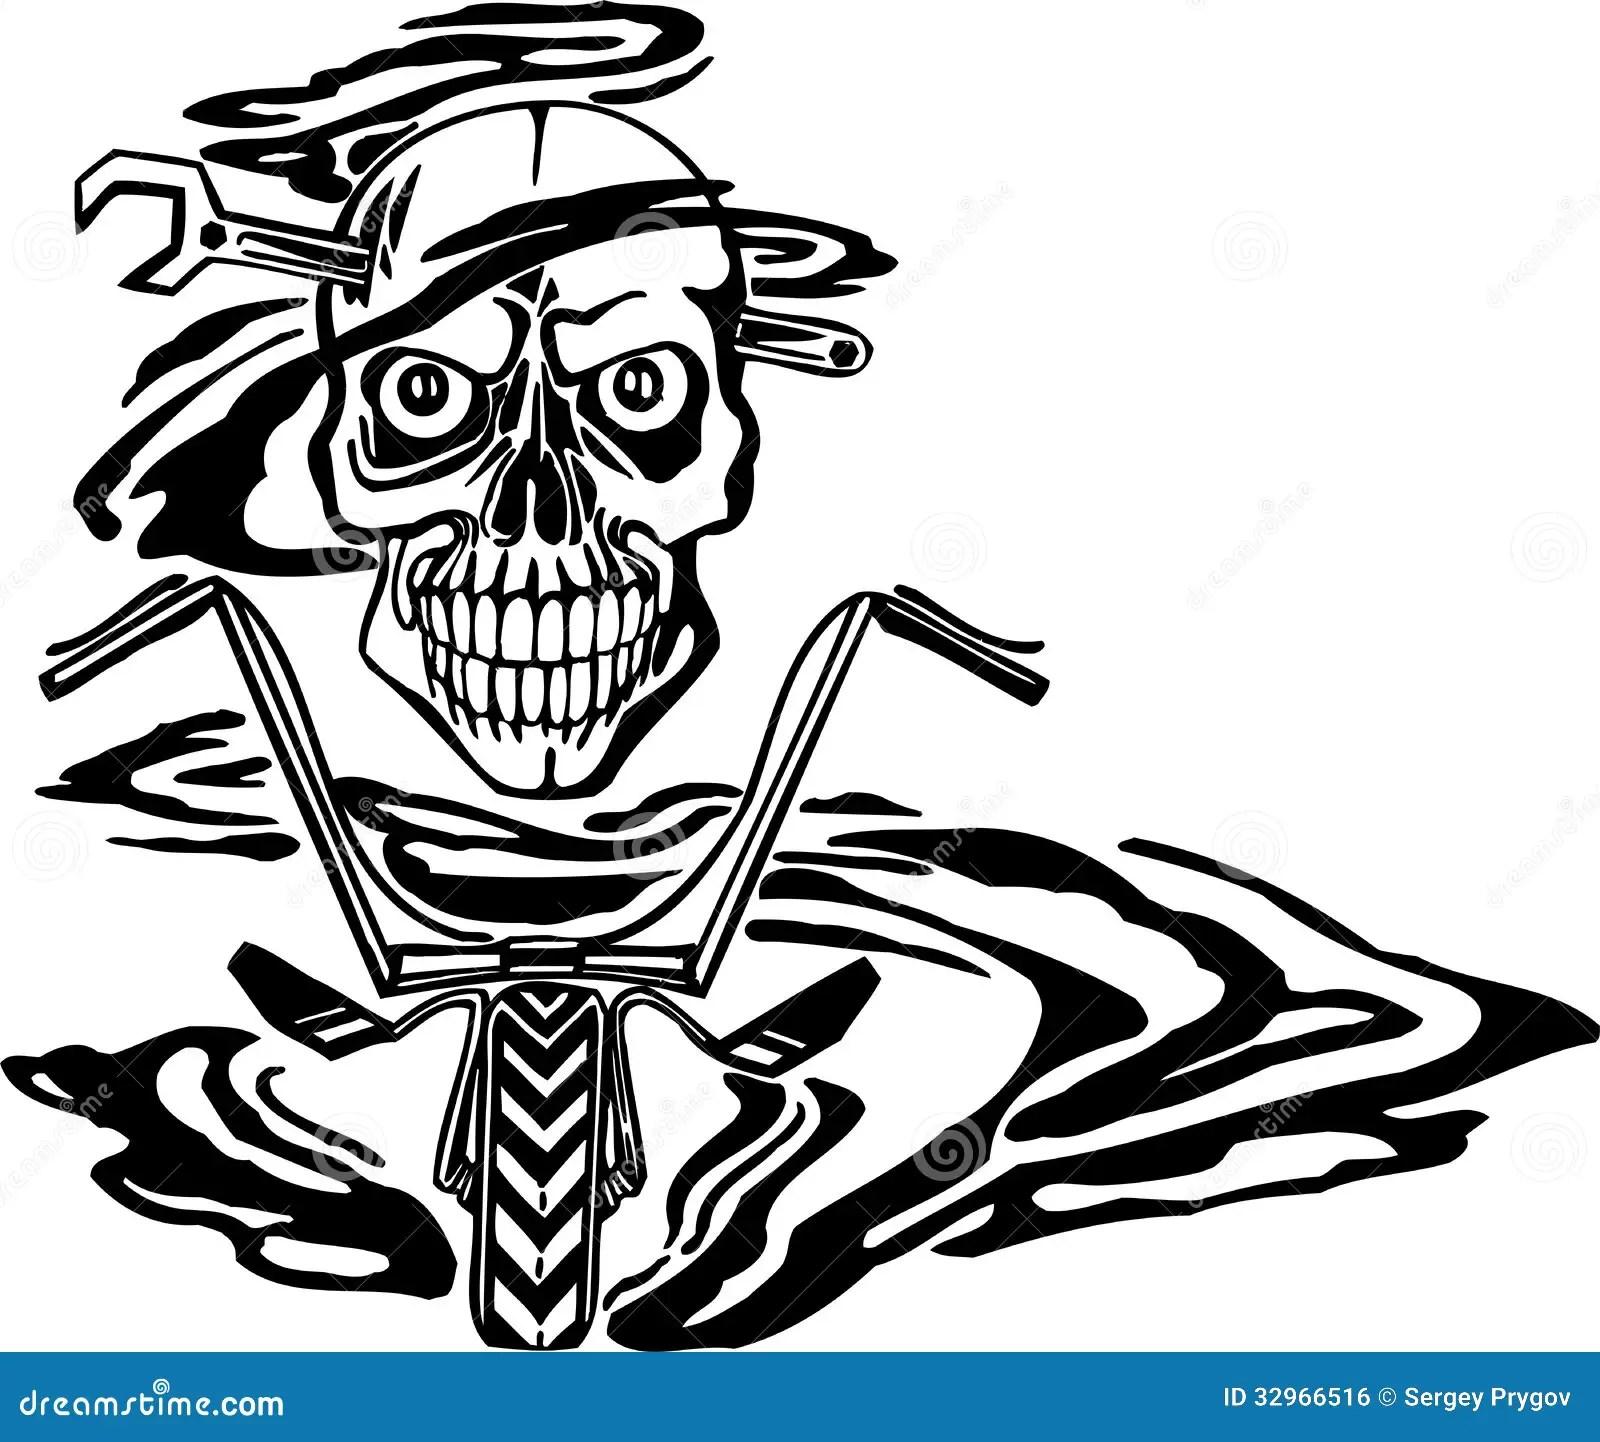 Skull And Motor Vector Illustration Stock Vector